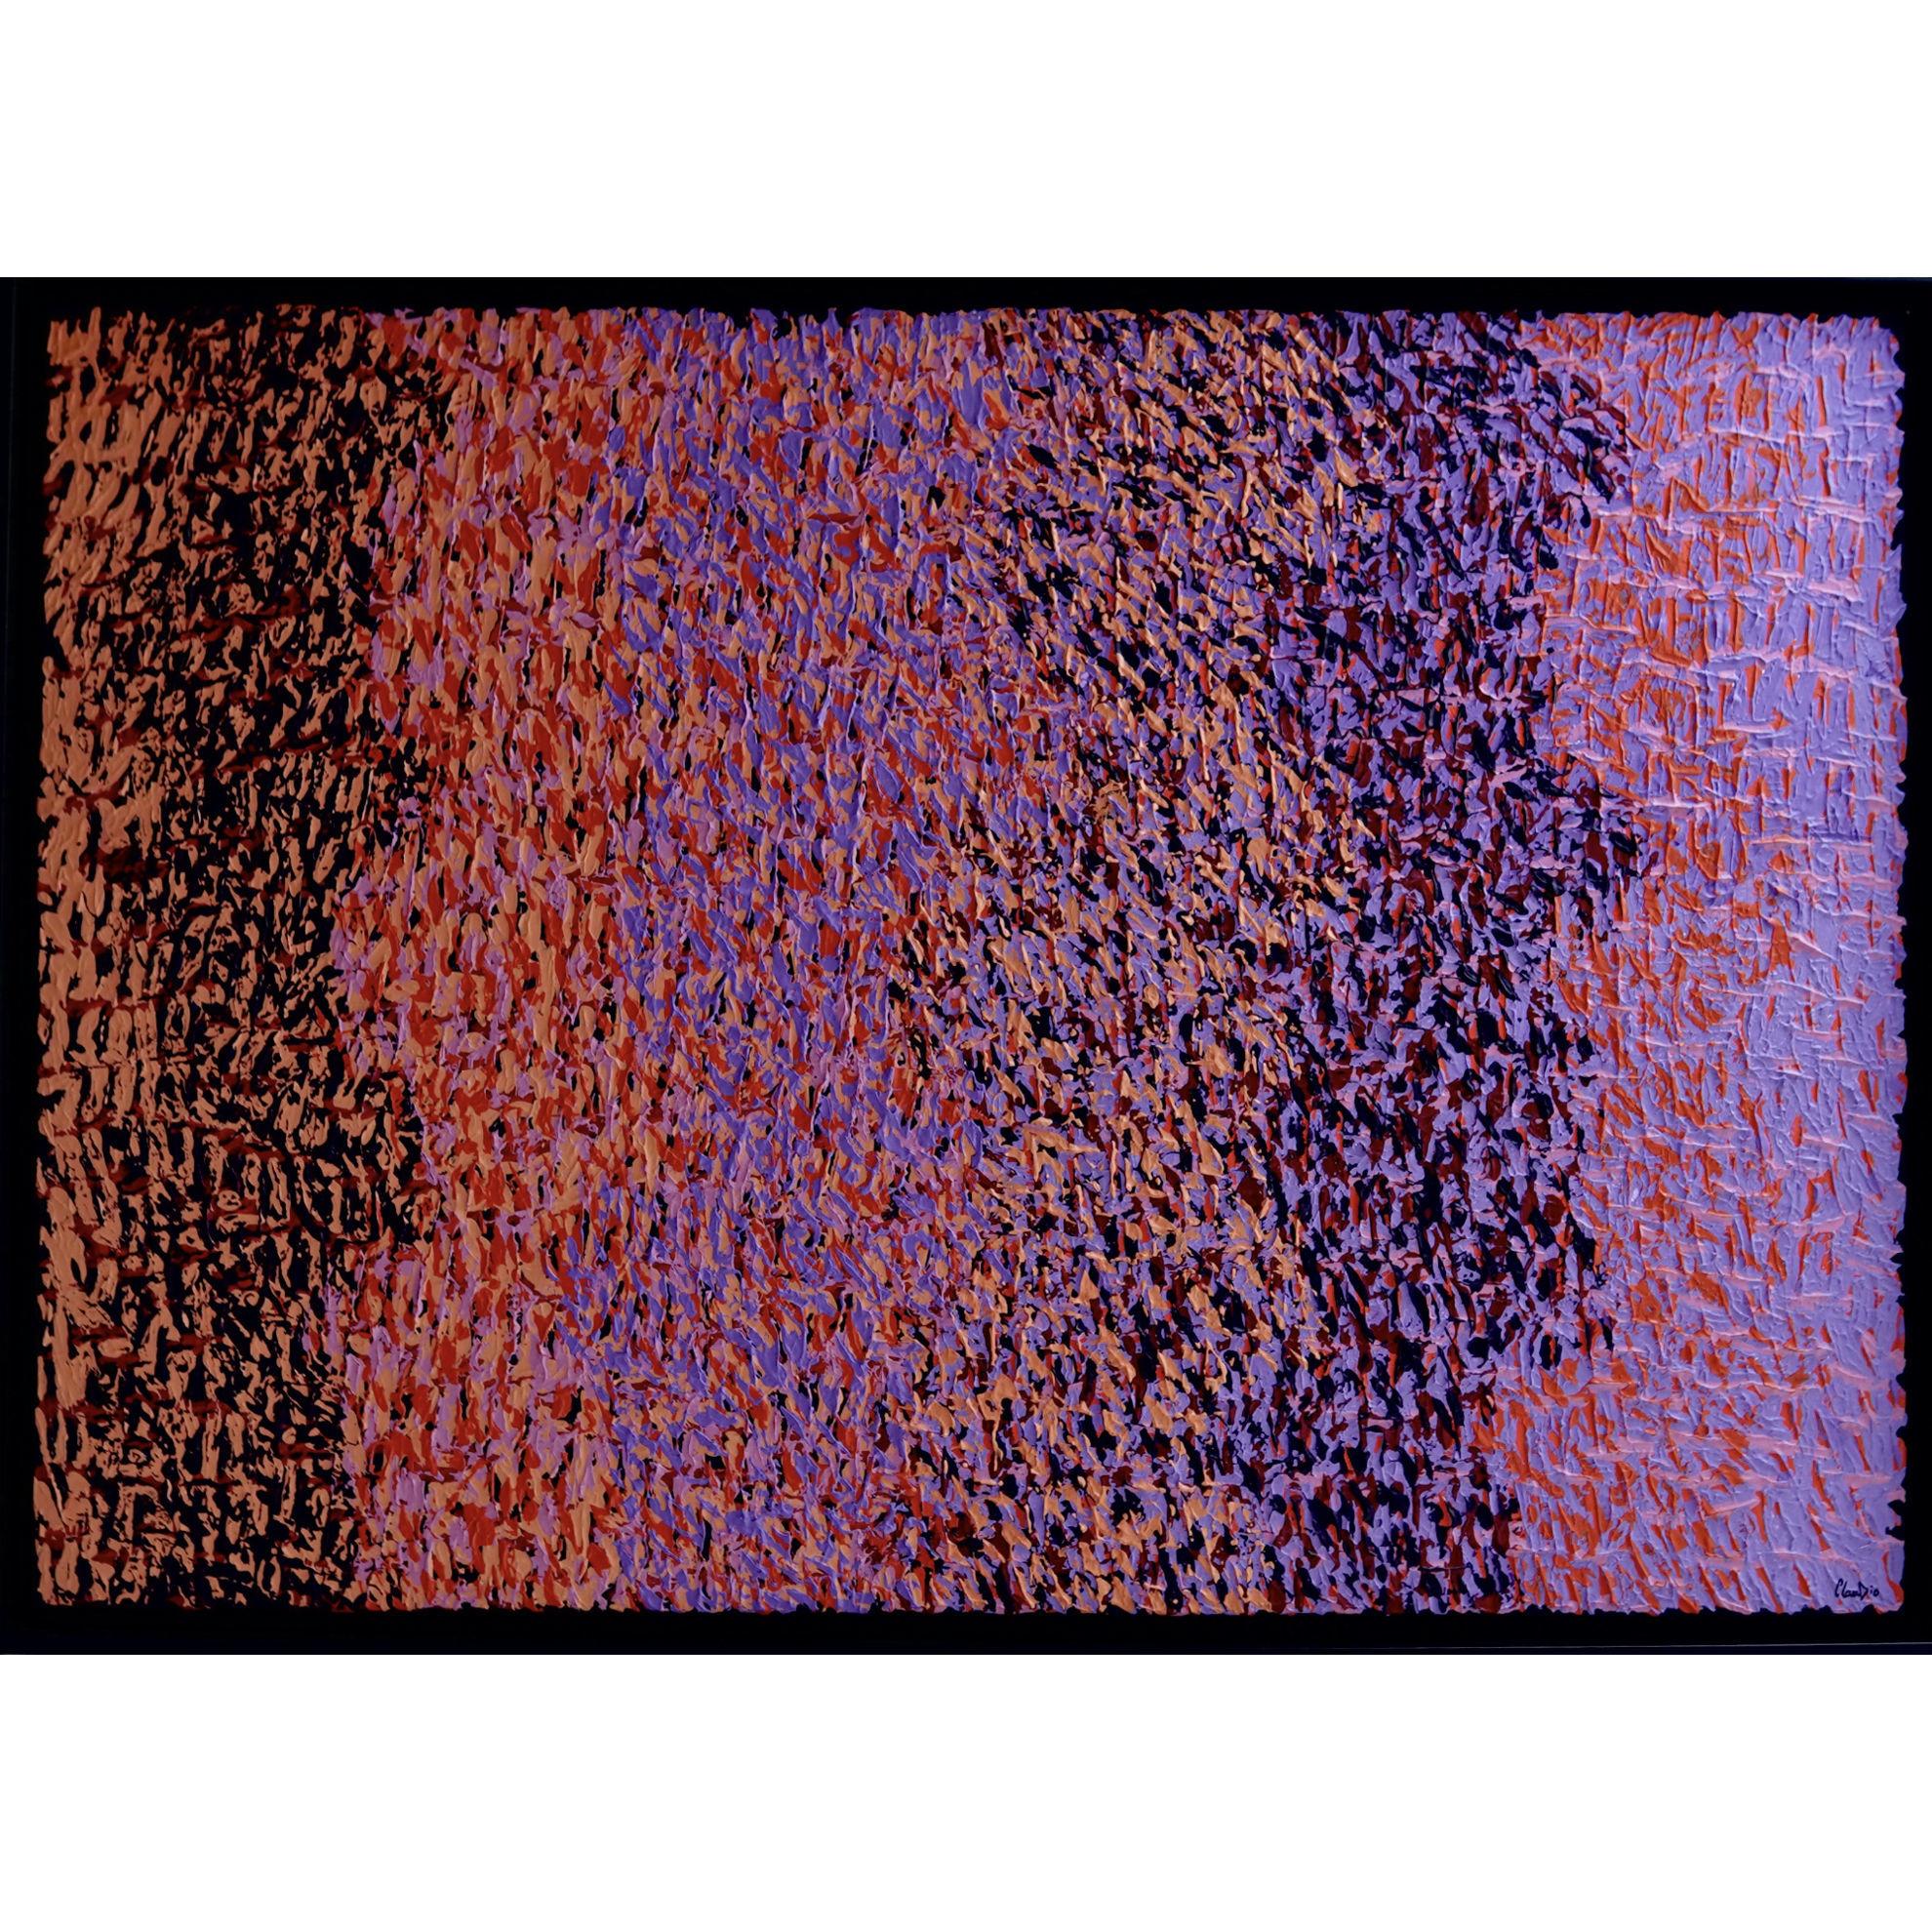 Immagine di It's actually pink - Quadro astratto